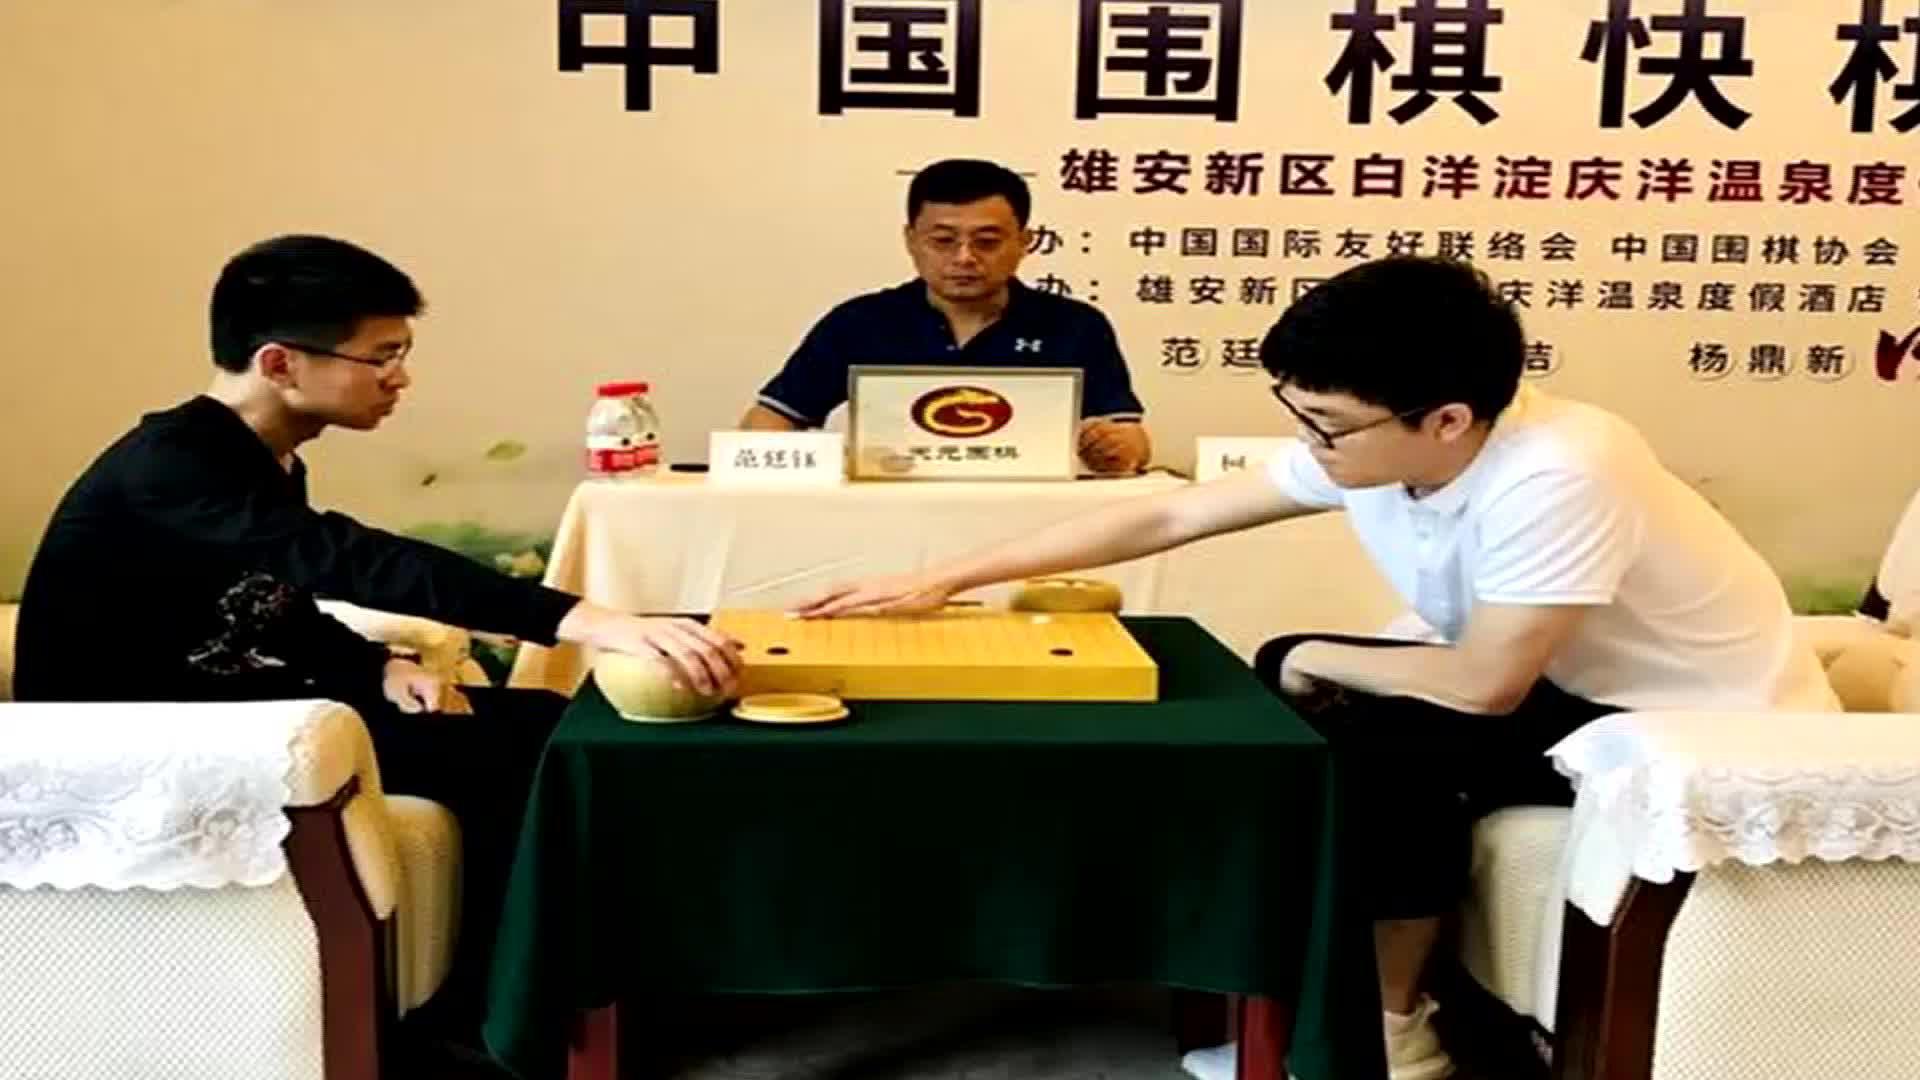 围棋大赛线下赛梦百合杯6月开打 八强首战柯洁对阵范廷钰